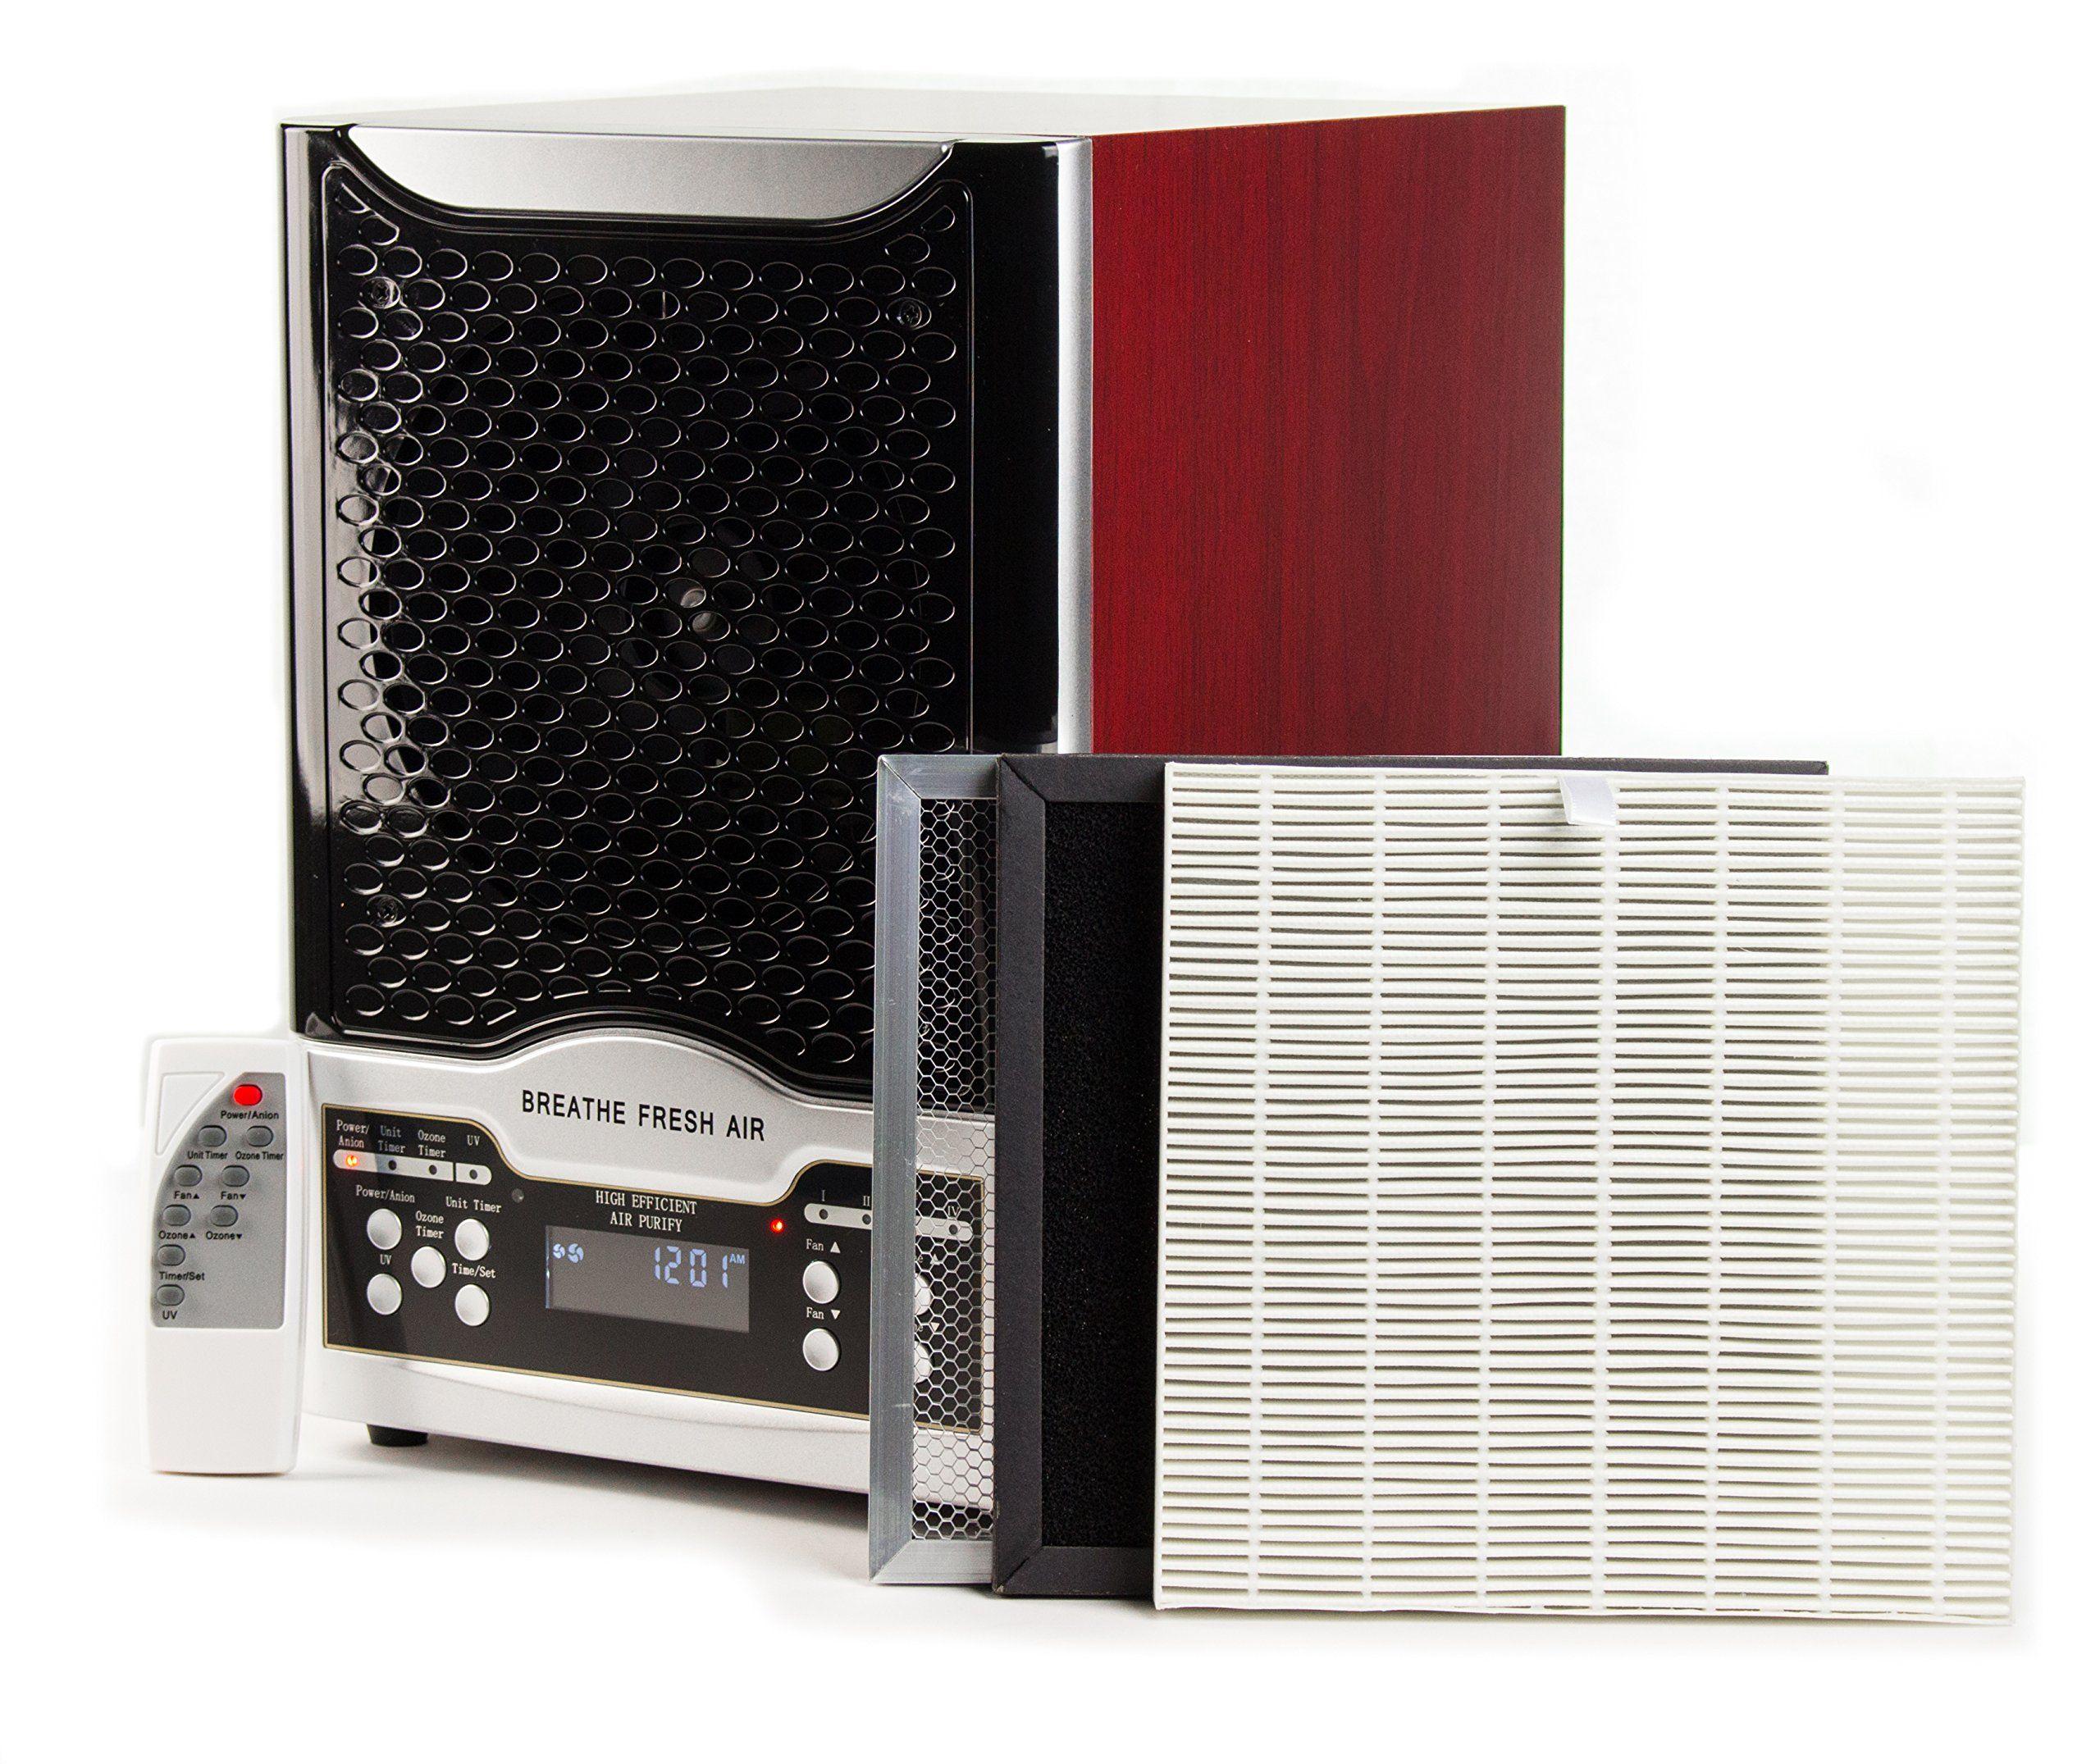 Breathe Fresh Air Air Purifier 3 Plate Carbon/HEPA Filter